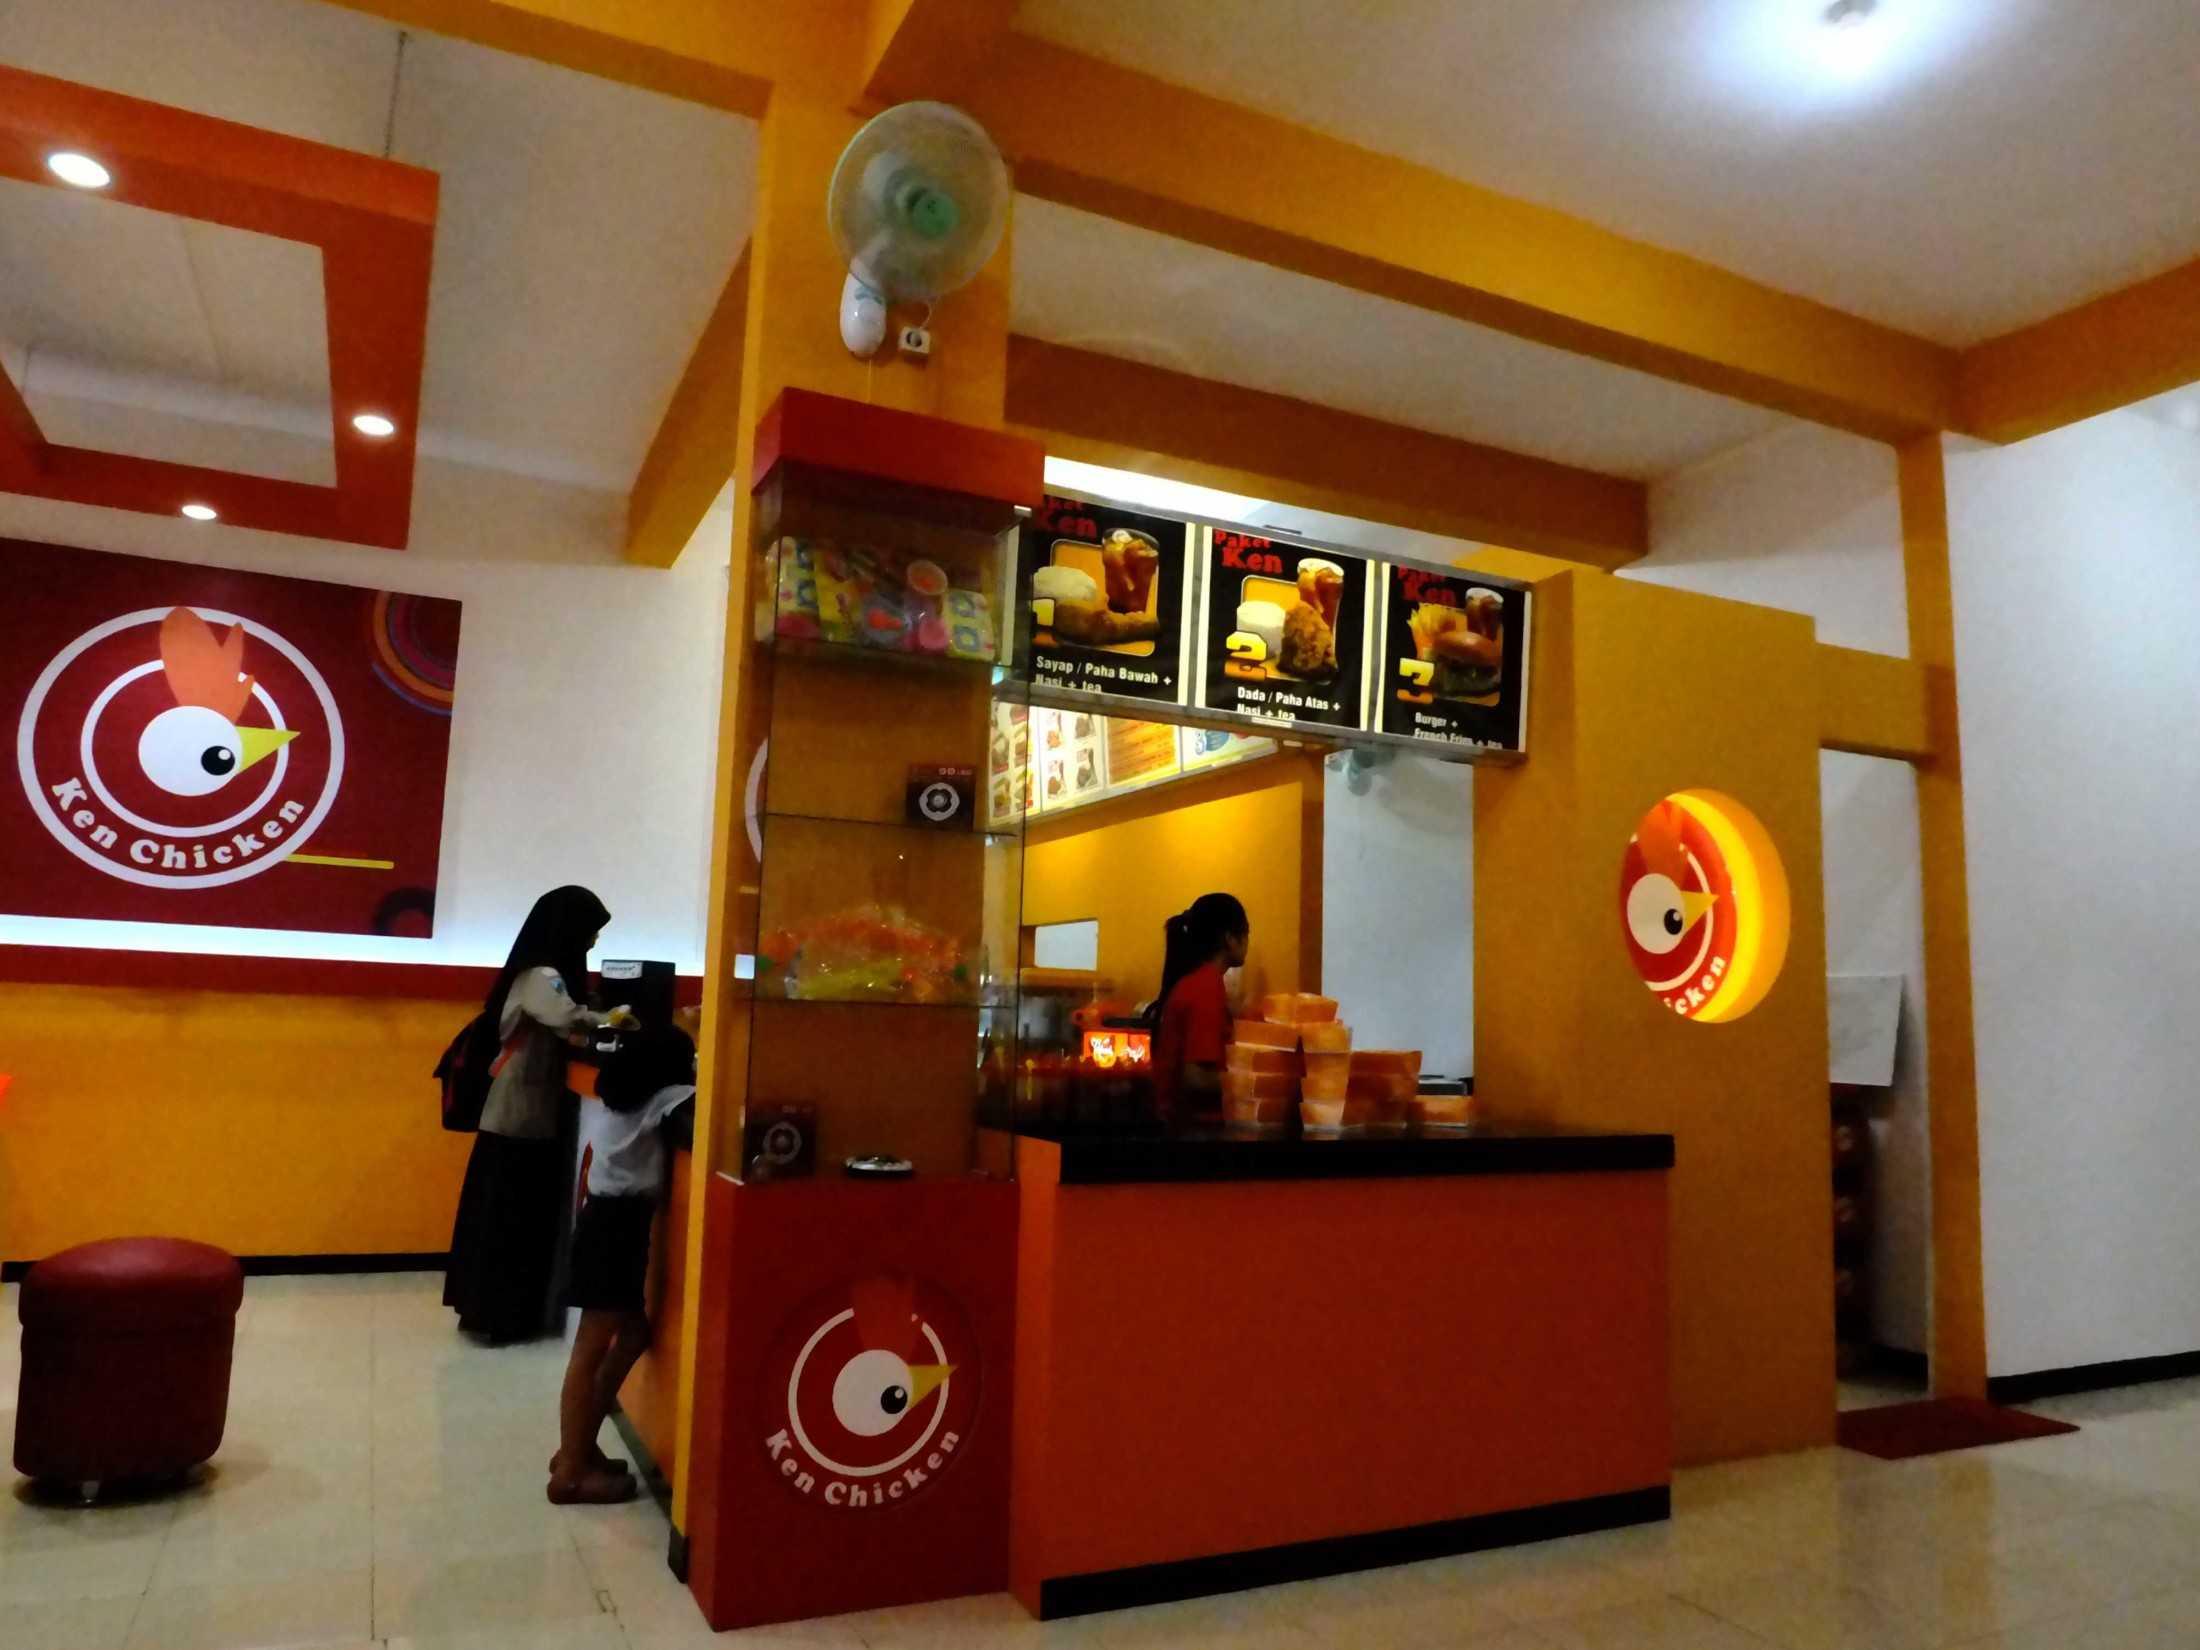 Josaf Sayoko Kenchicken Melati Malang, Kota Malang, Jawa Timur, Indonesia Malang, Kota Malang, Jawa Timur, Indonesia Josaf-Sayoko-Kenchicken-Melati  57628